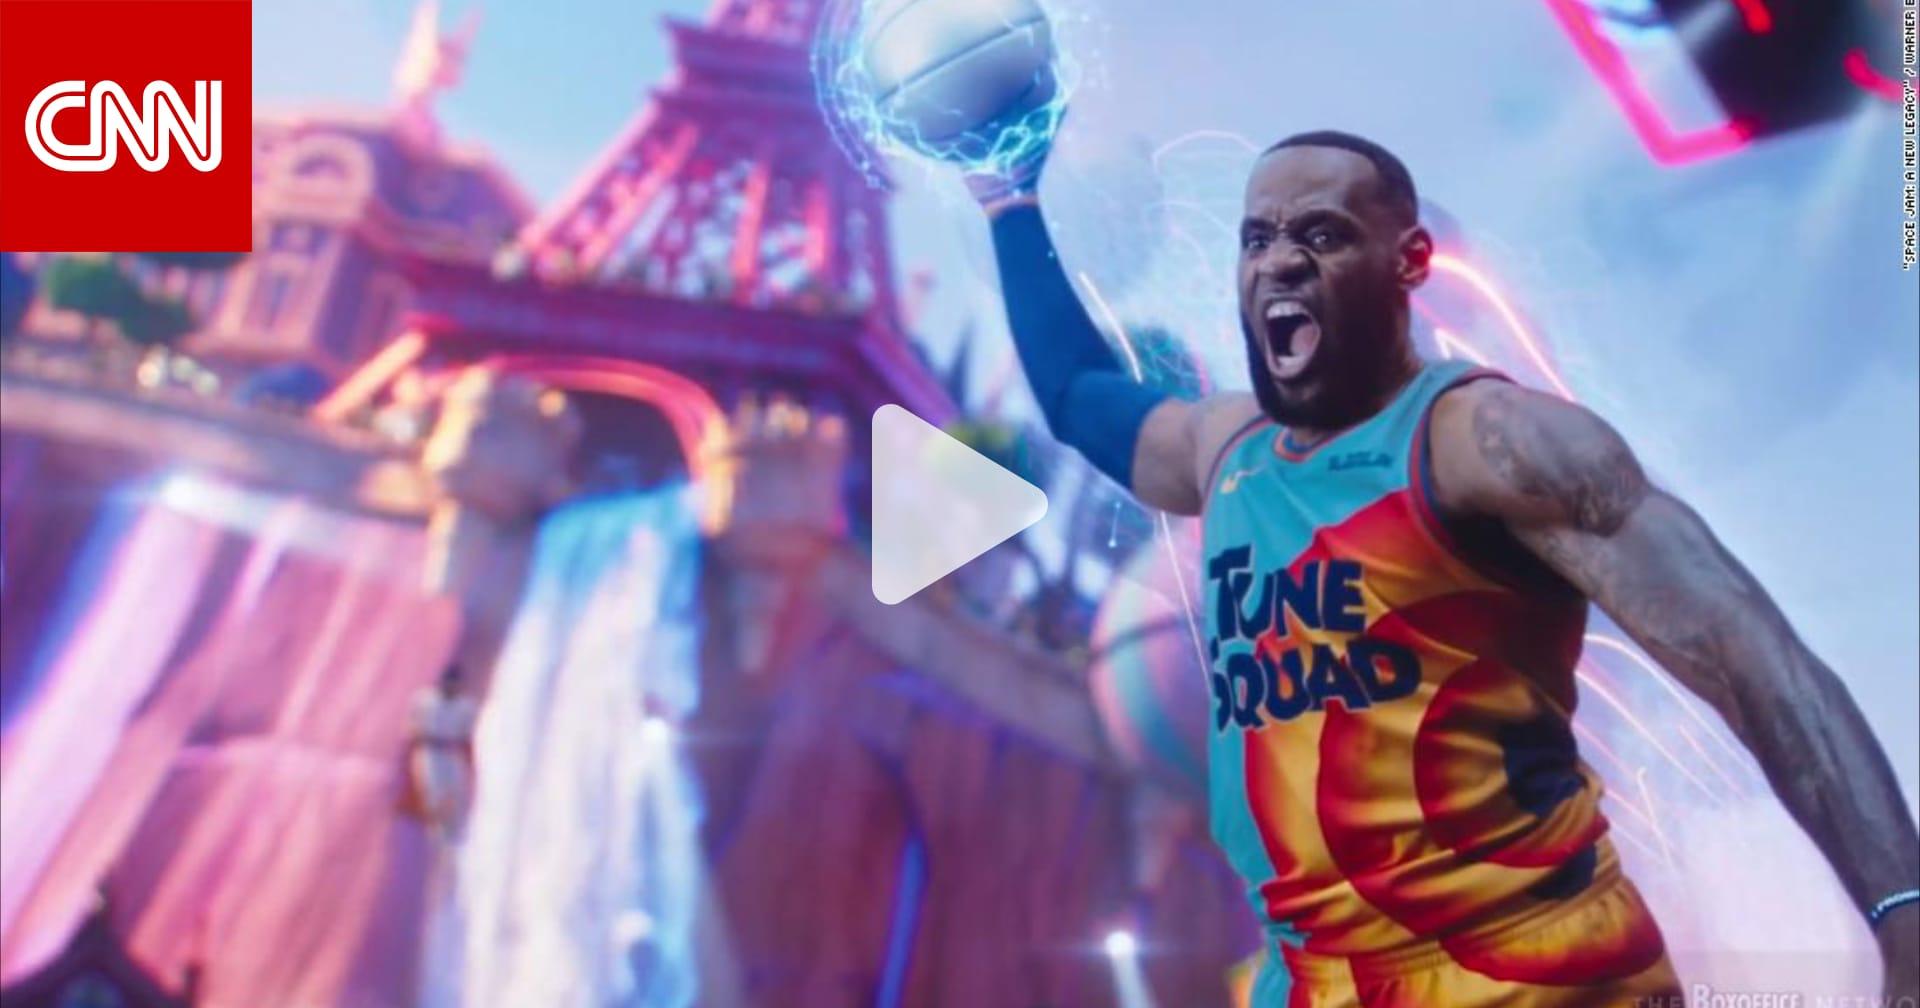 """هكذا ظهر ليبرون جيمس في إعلان ترويجي لفيلم """"سبيس جام"""" الجديد"""